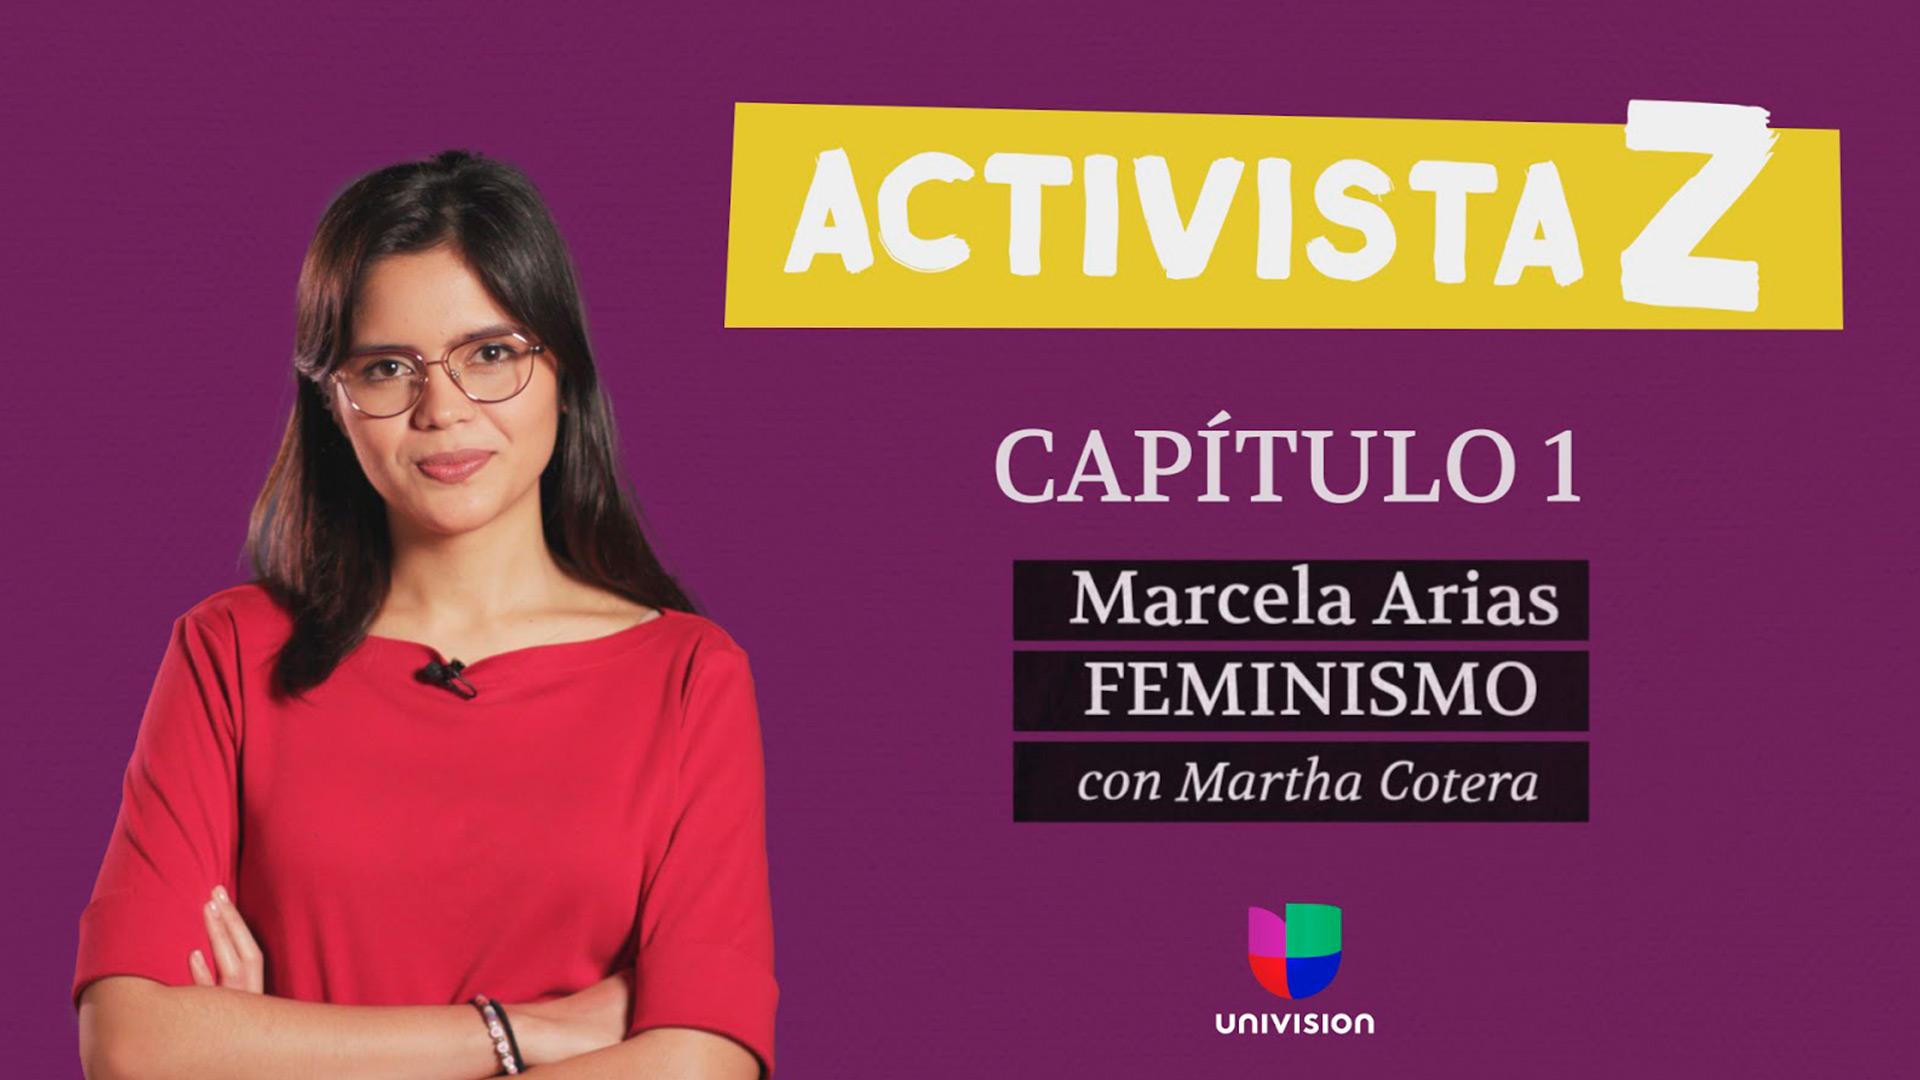 galeria-02-activistaz